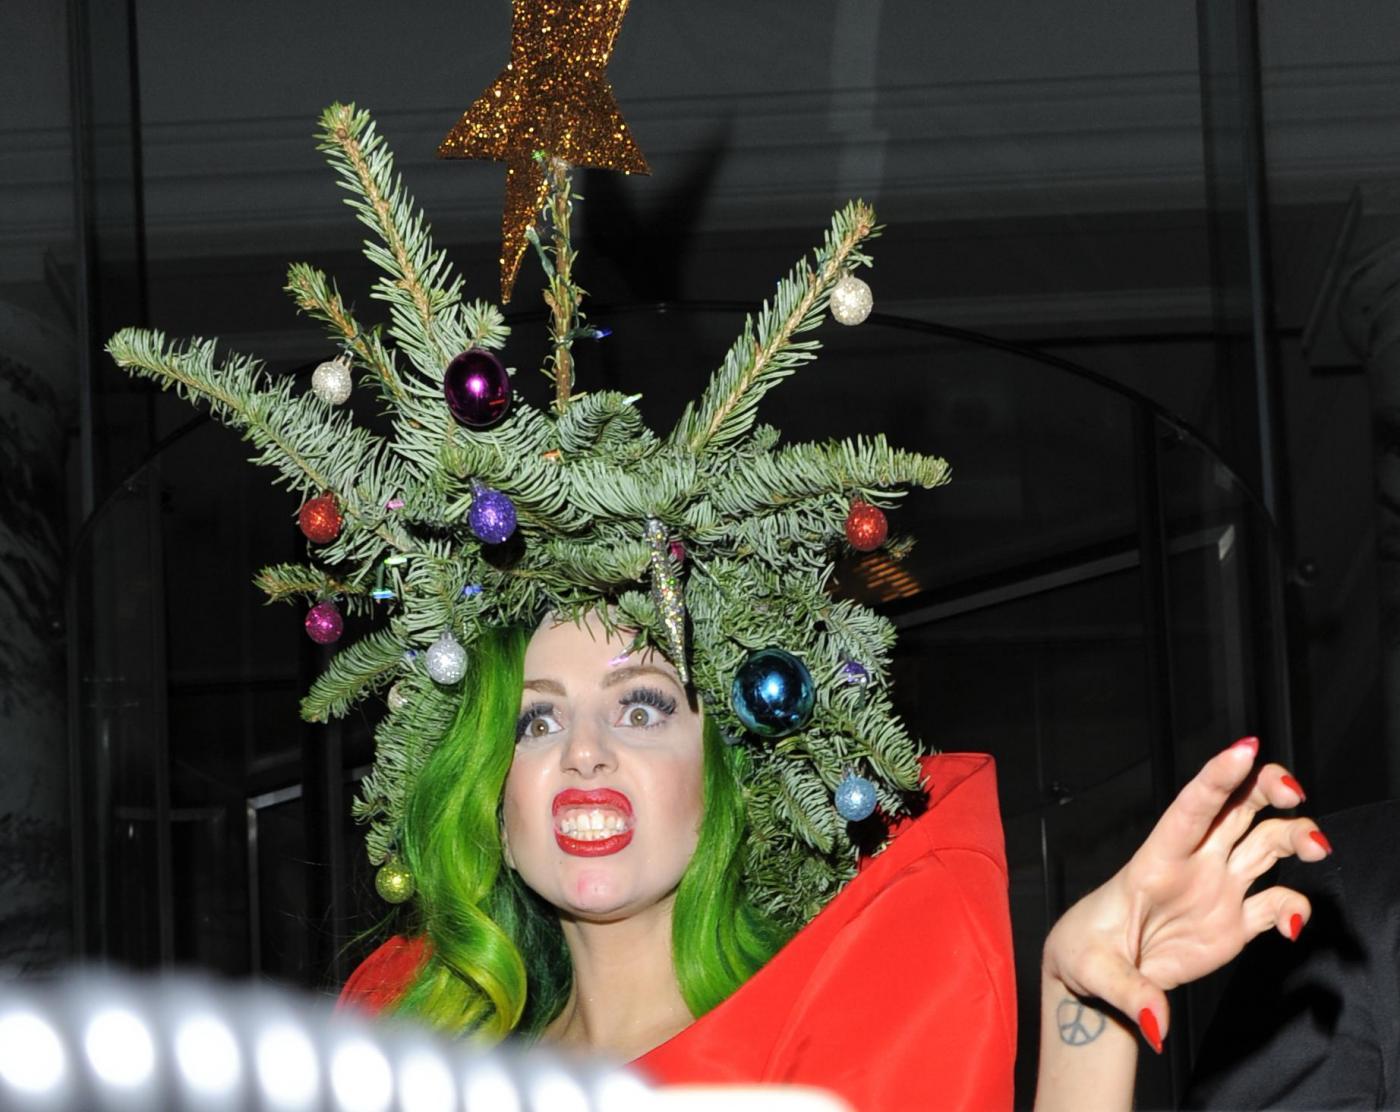 Lady Gaga si concia per le feste: ecco l'abito-albero di Natale01